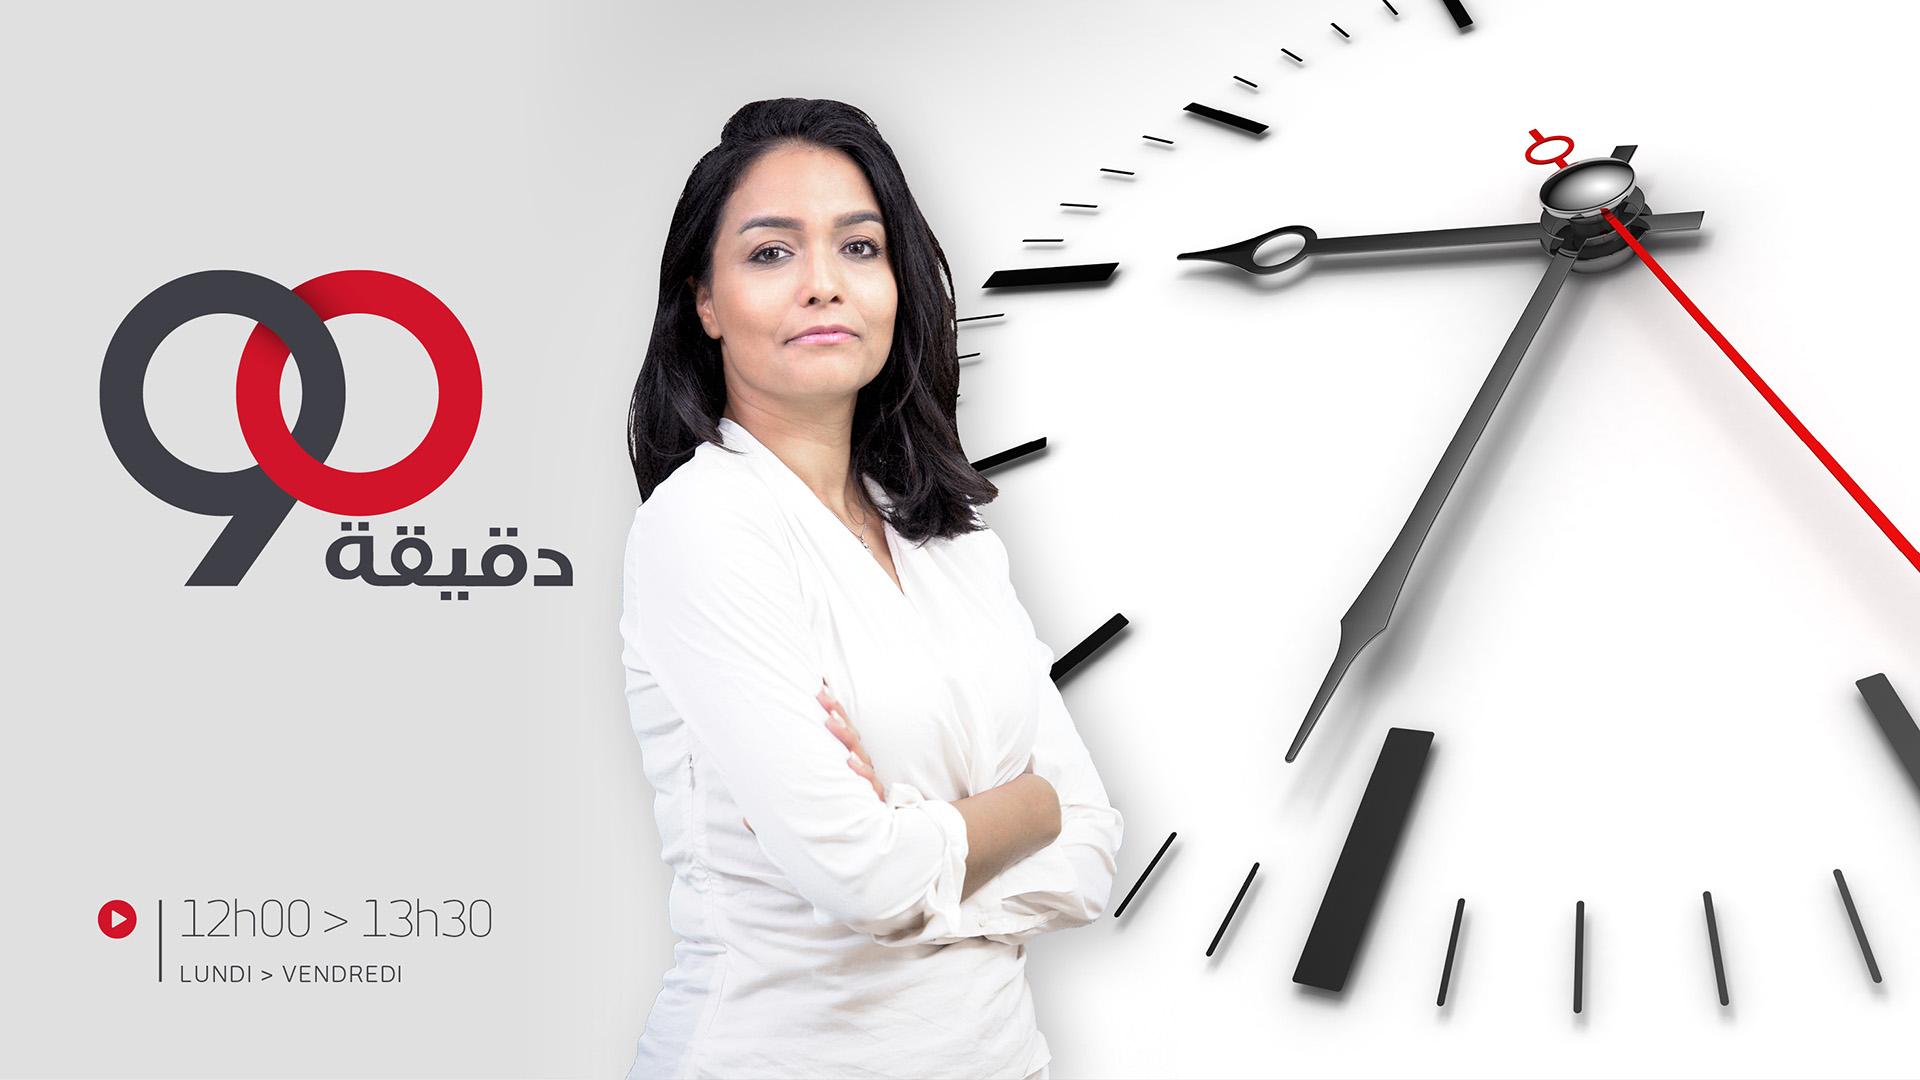 90 دقيقة 90 دقيقة الخميس 28 ماي 2020 : ضيوفنا ليوم هشام العجبوني و جودة دحمان